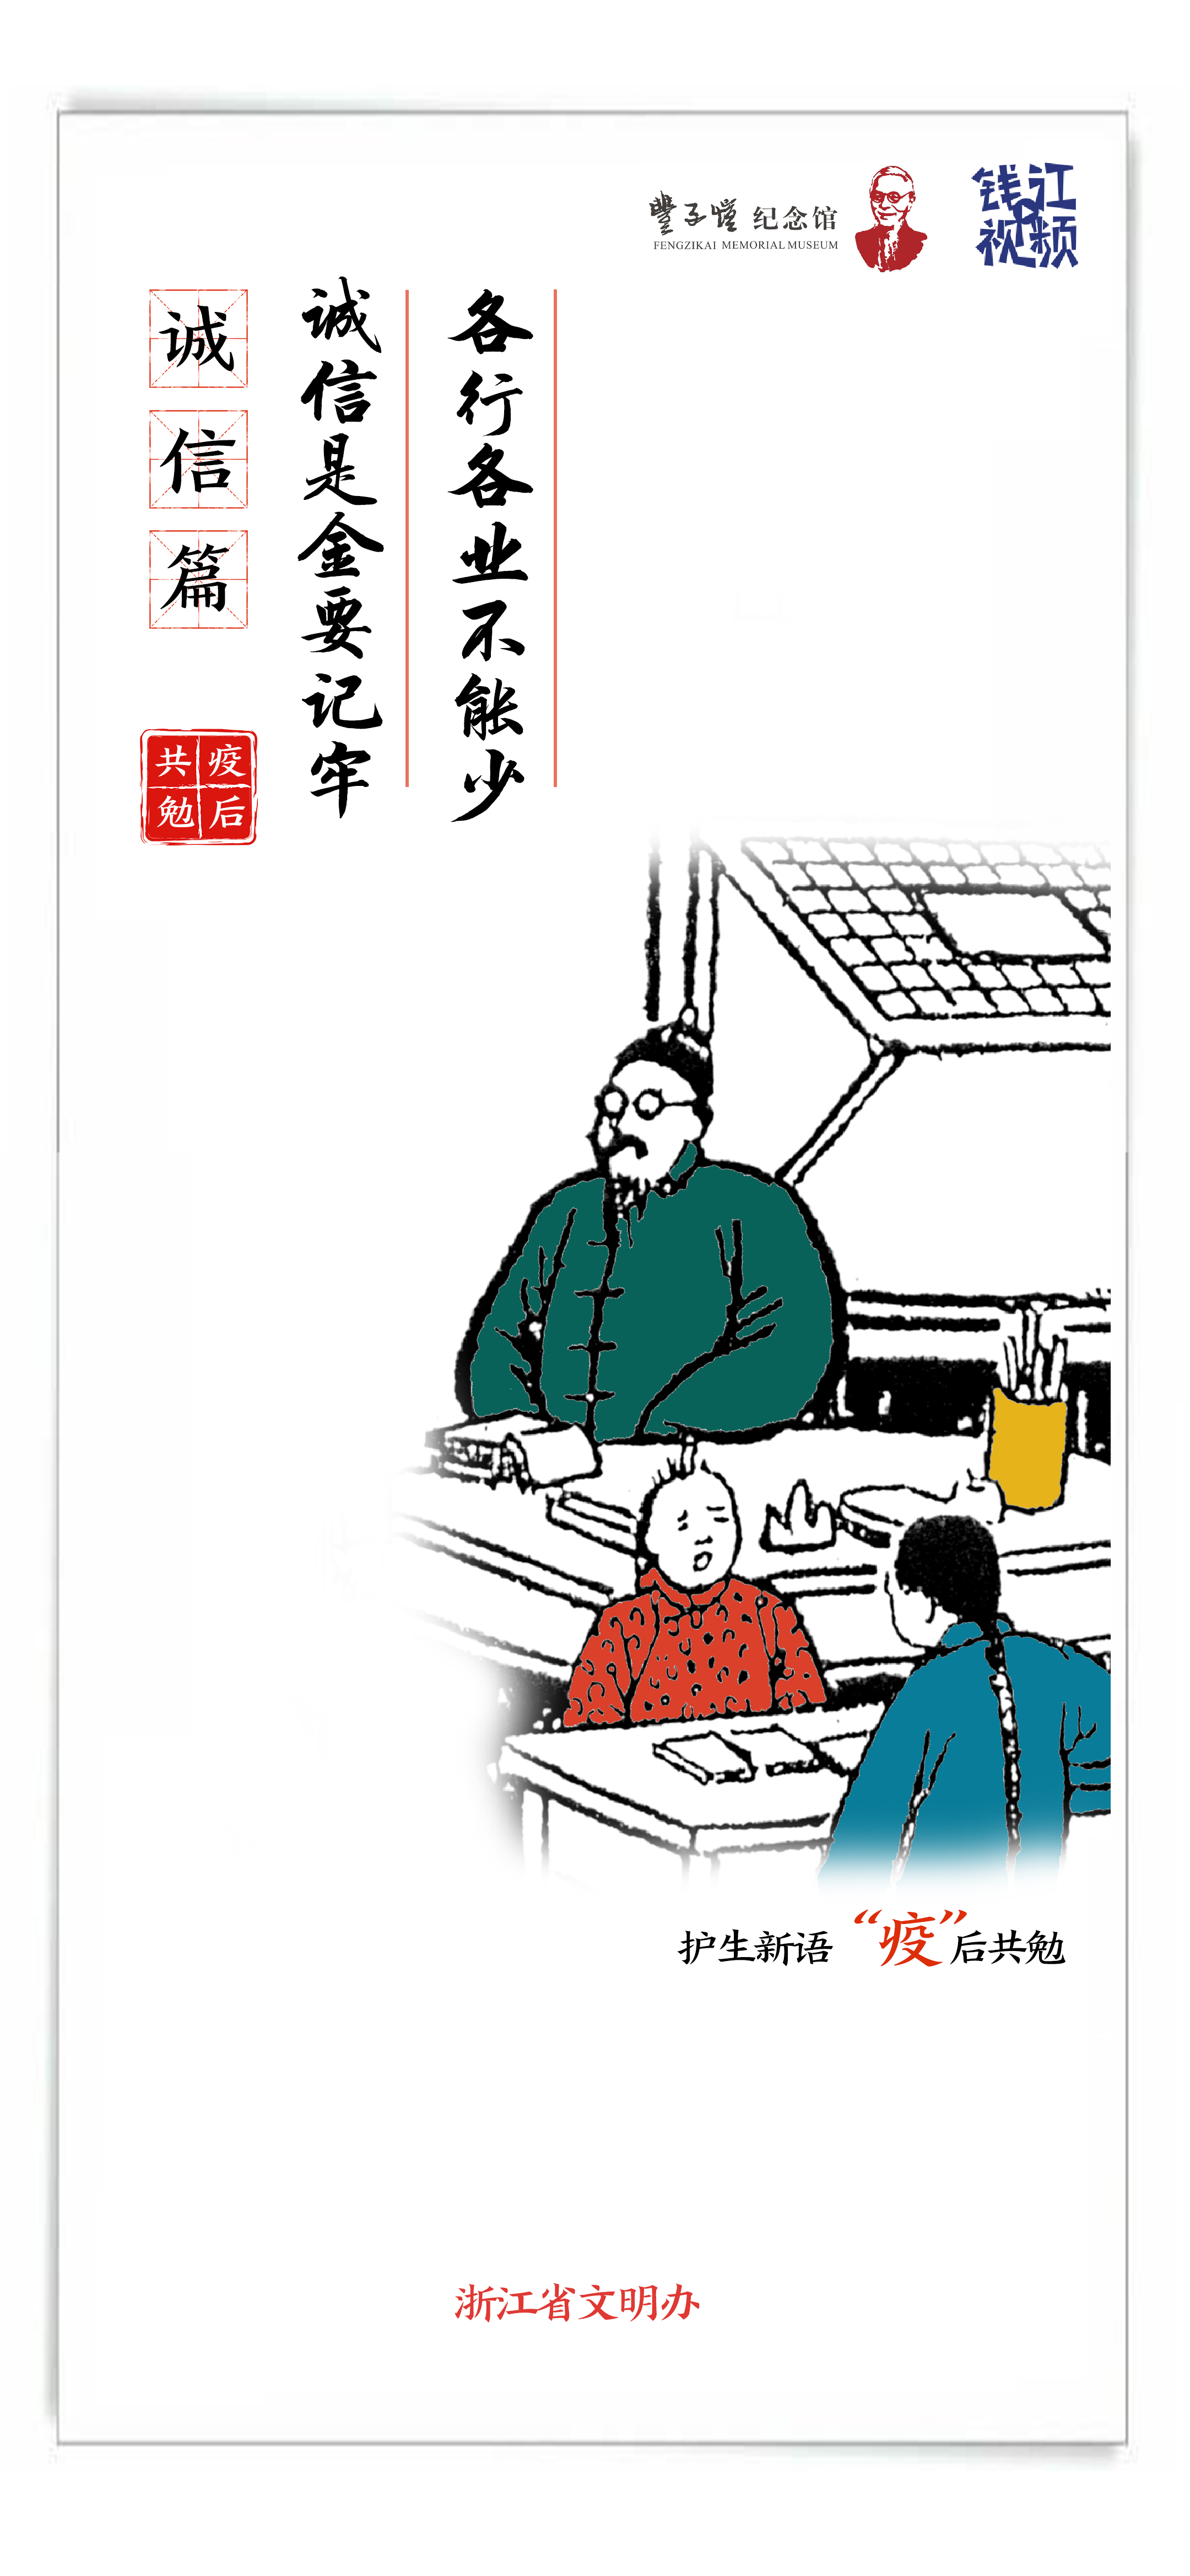 钱江视频-丰子恺主题抗疫公益广告09